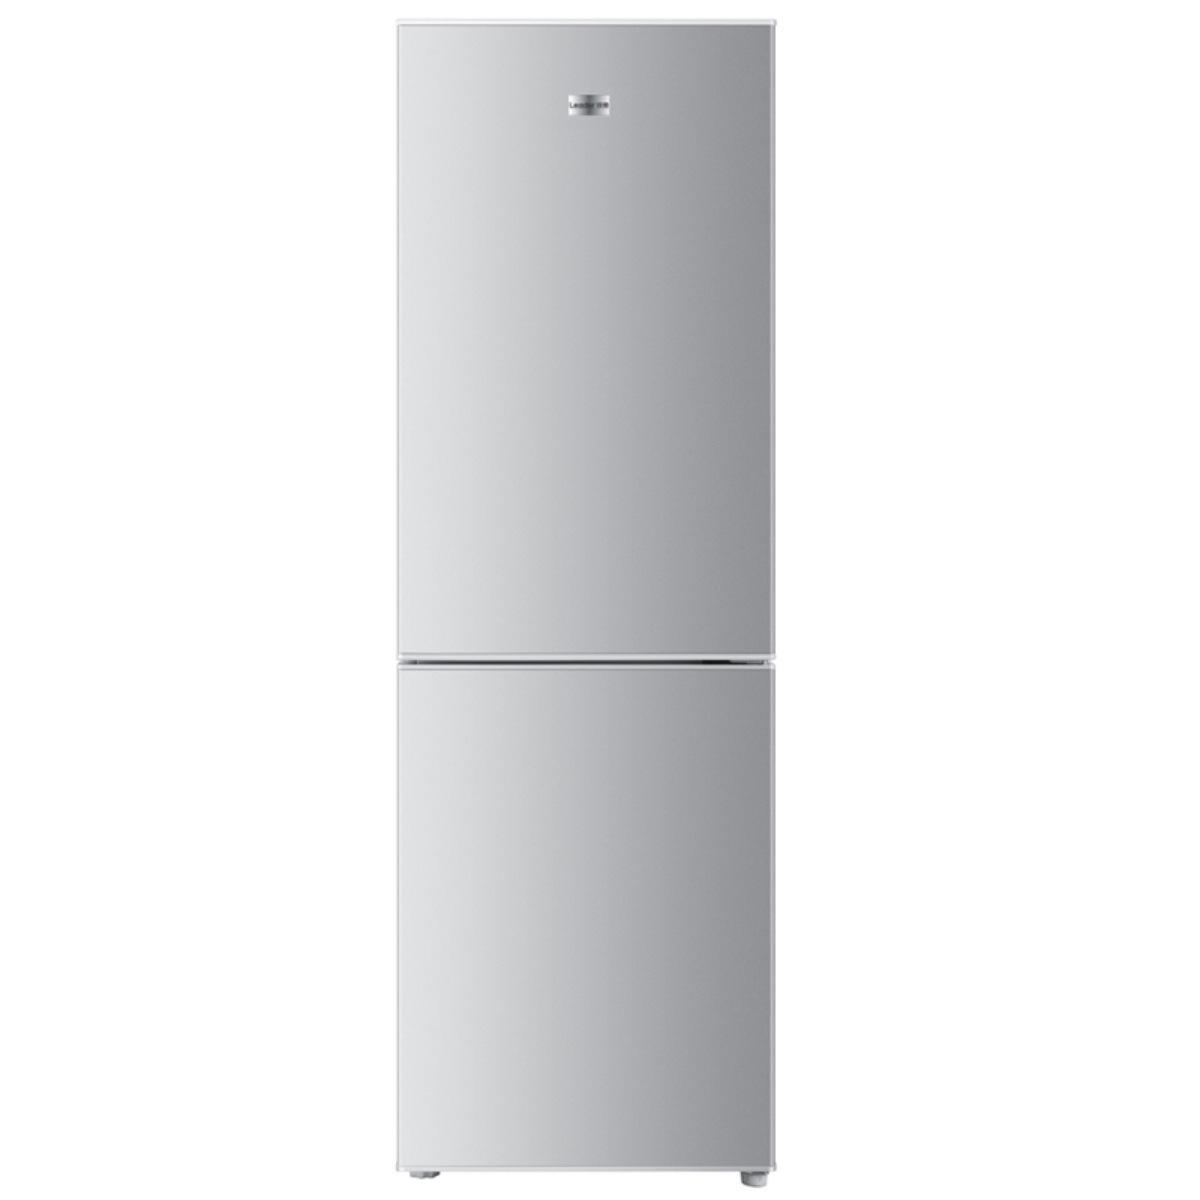 Leader Điện gia dụng chính hãng Thương hiệu BCD-182LTMPA Tủ lạnh hai cửa hai cánh tủ lạnh gia dụng